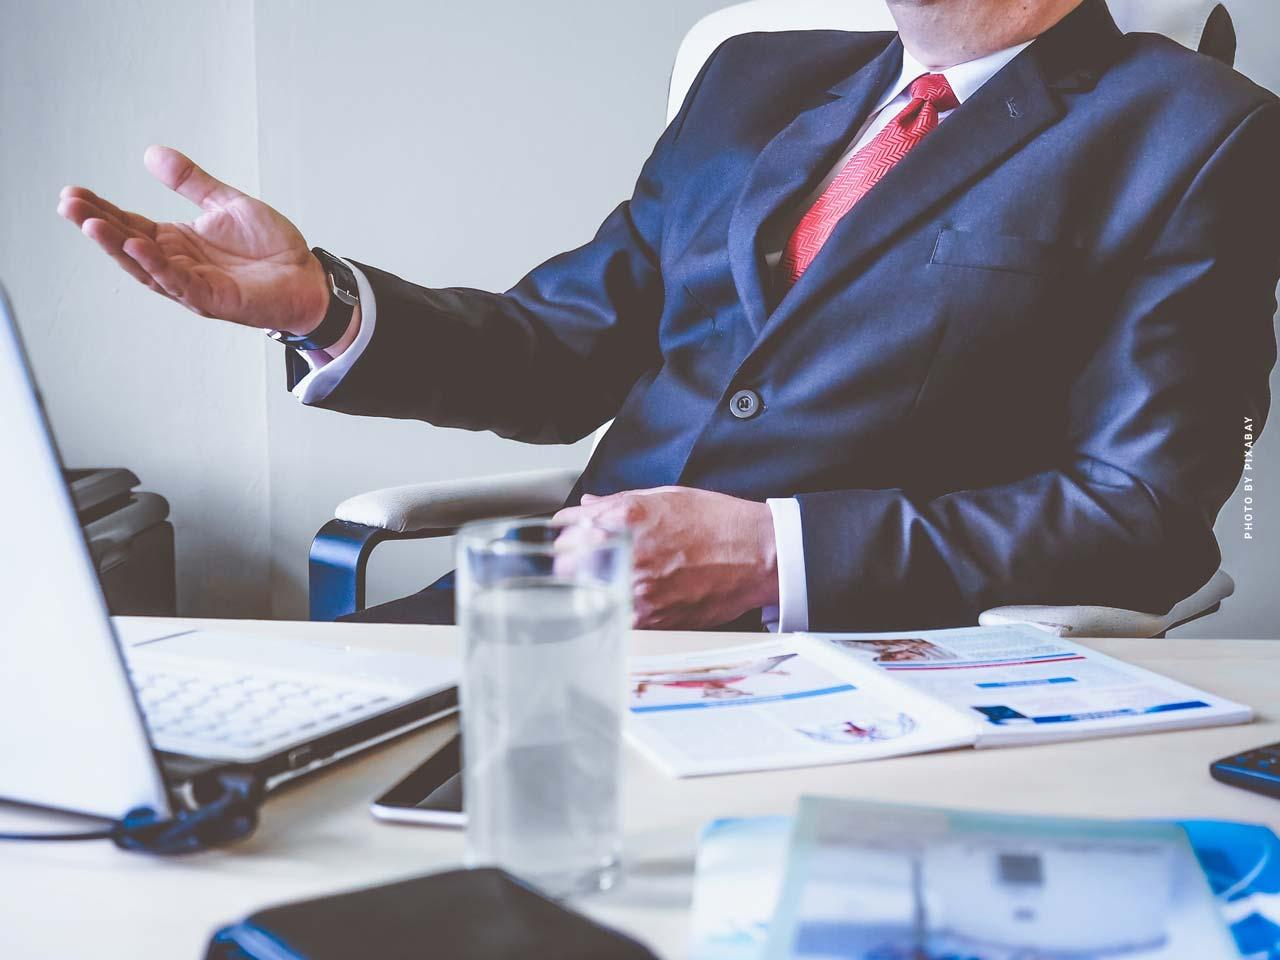 Vermögensverwalter: Ist private Vermögensverwaltung sinnvoll?